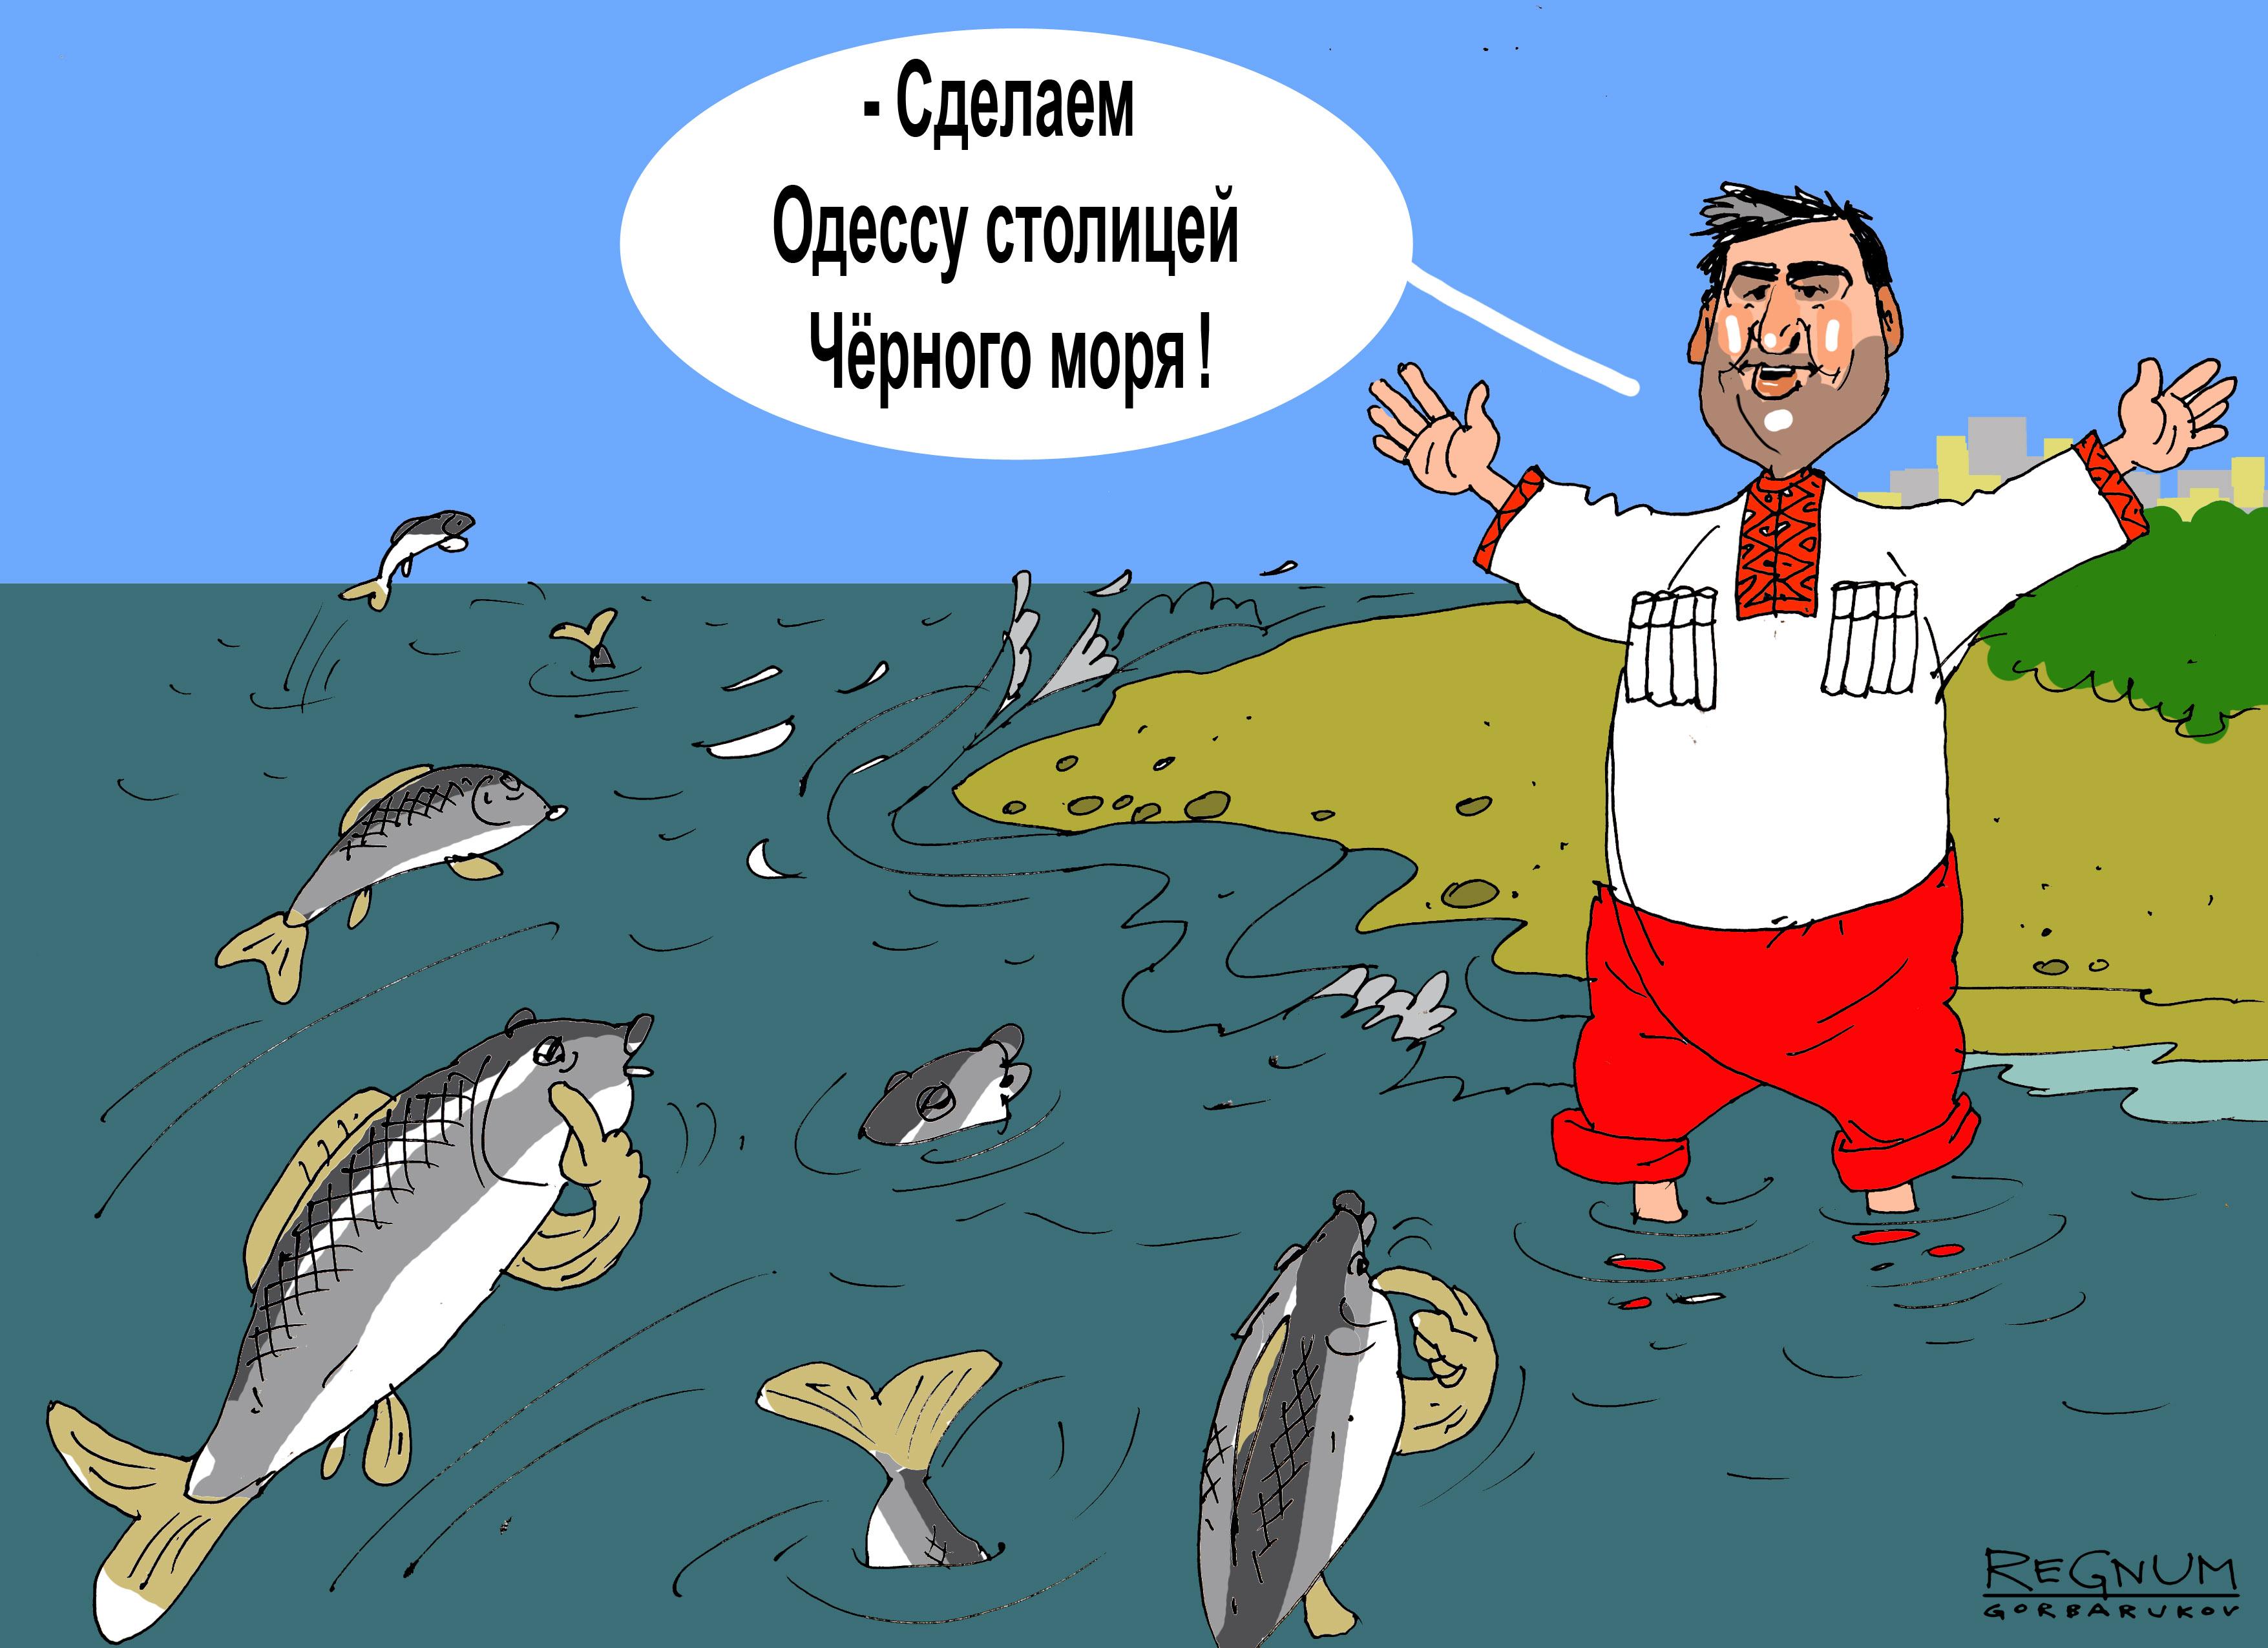 Саакашвили: Украина вернётся к уровню экономики 2013 года через 20 лет